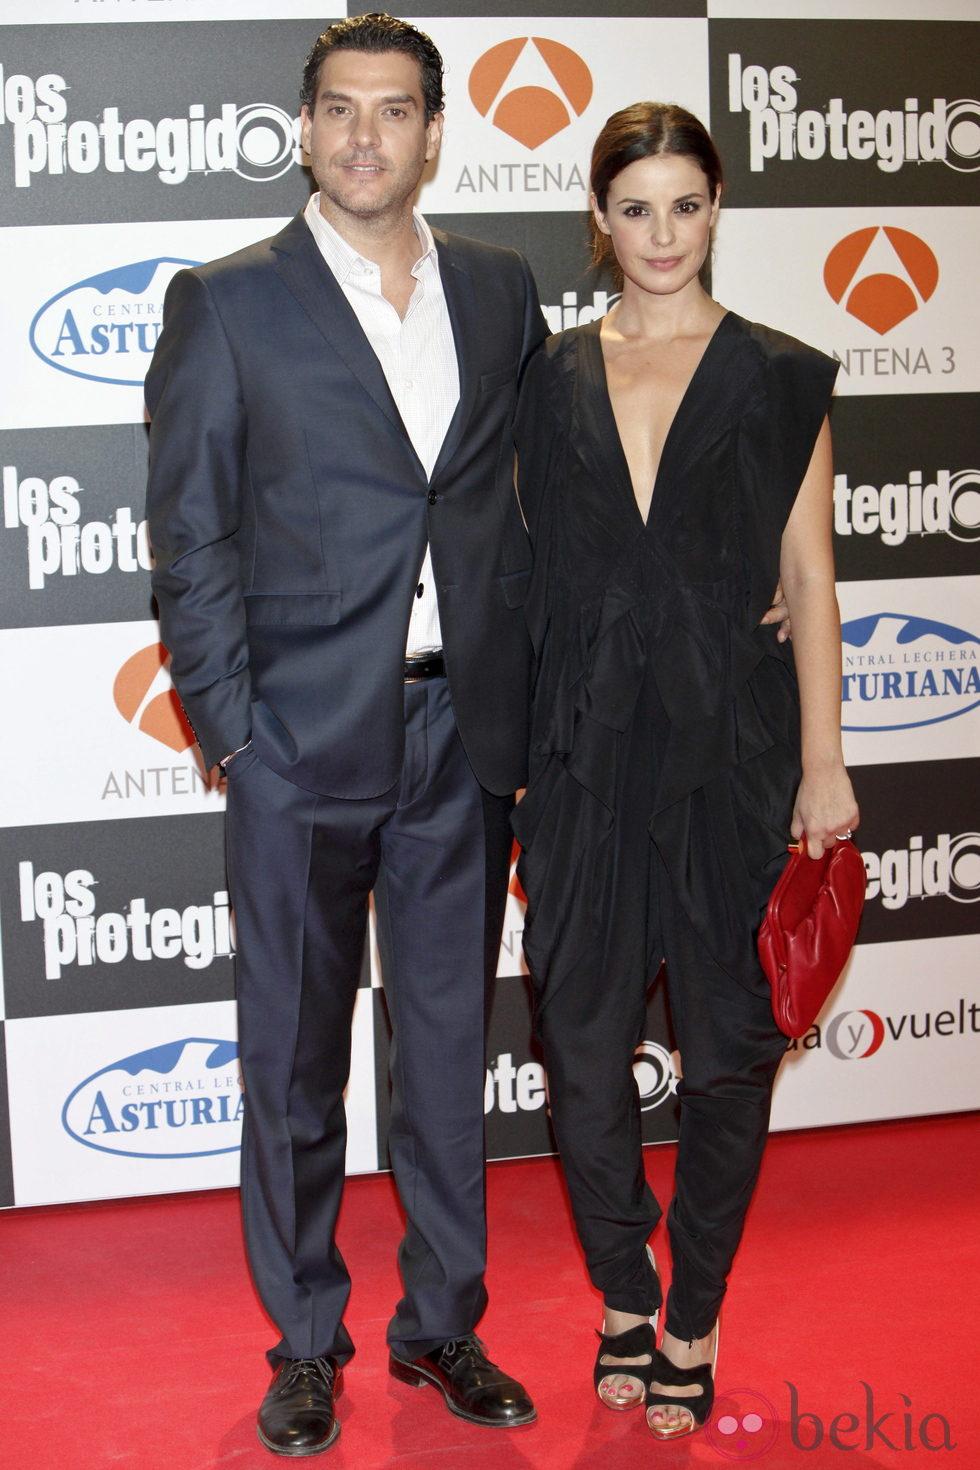 Javier Mora y Marta Torné en el estreno de la tercera temporada de 'Los Protegidos'